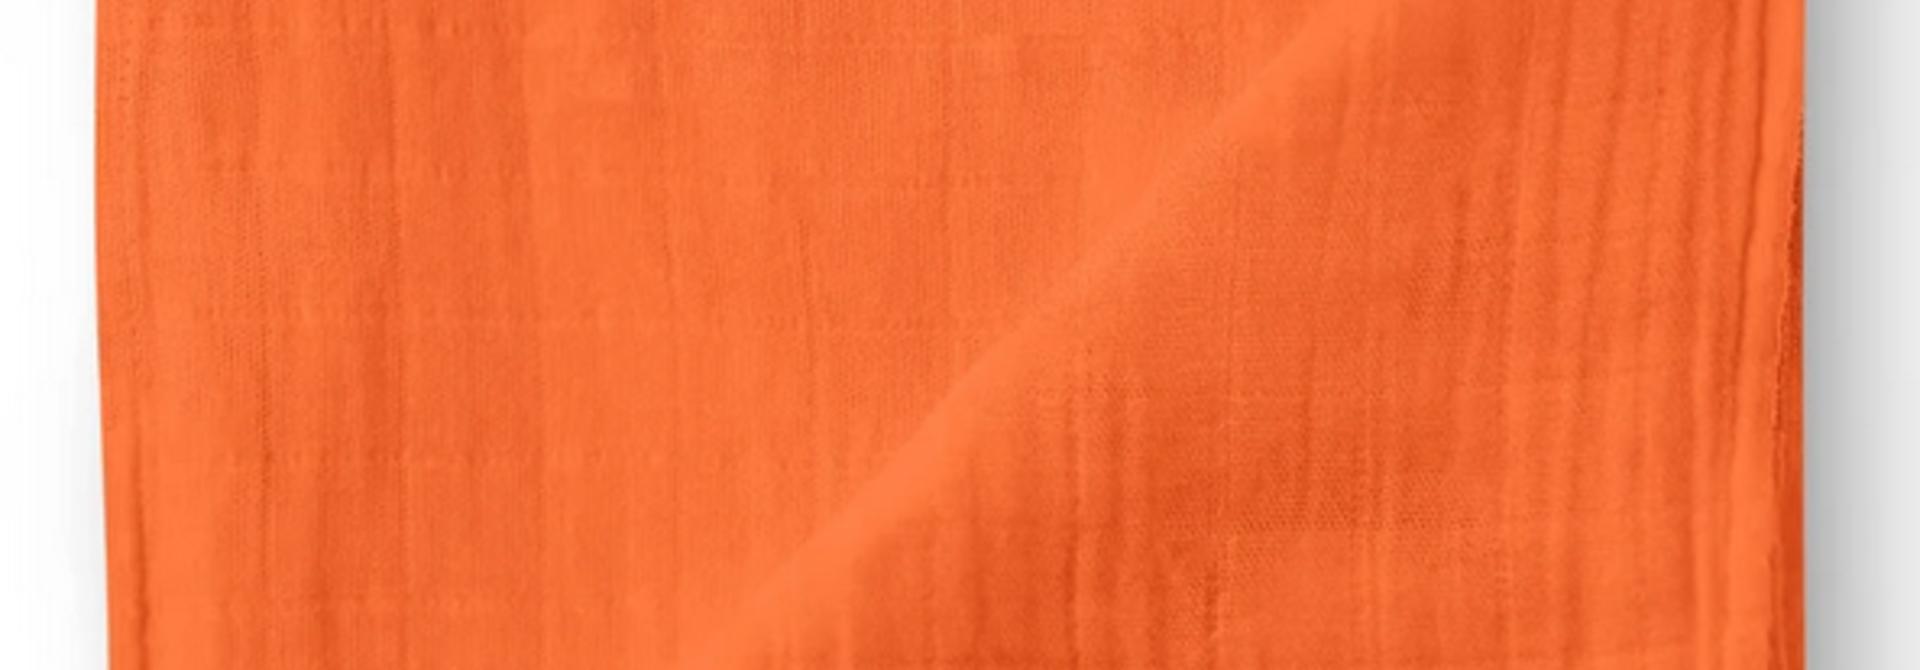 Mousseline de bambou - Épice de citrouille